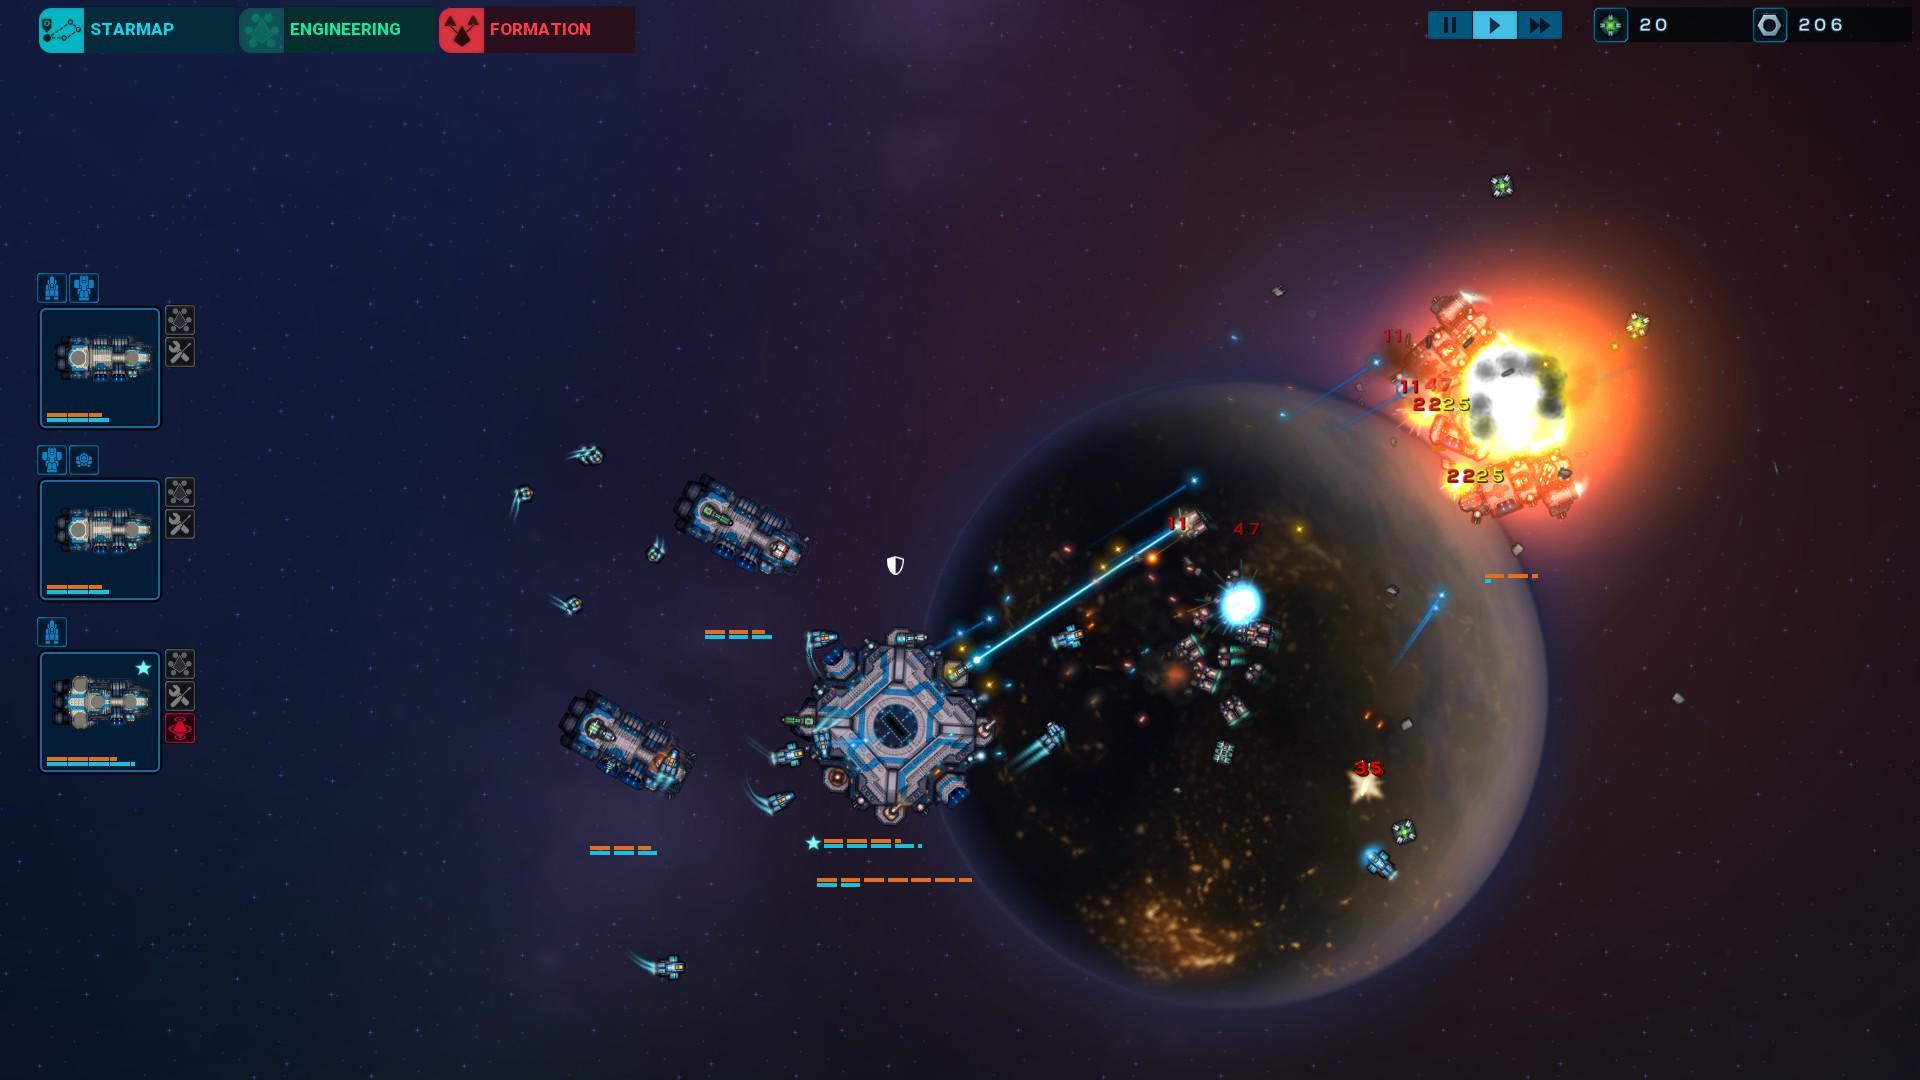 敵に追撃させ、宇宙基地を盾にする図。移動と戦術的撤退をくりかえし、敵の数を削りながら艦隊を育成しよう。マップ深部の探索は拠点となる宇宙基地を目標とすればよい。